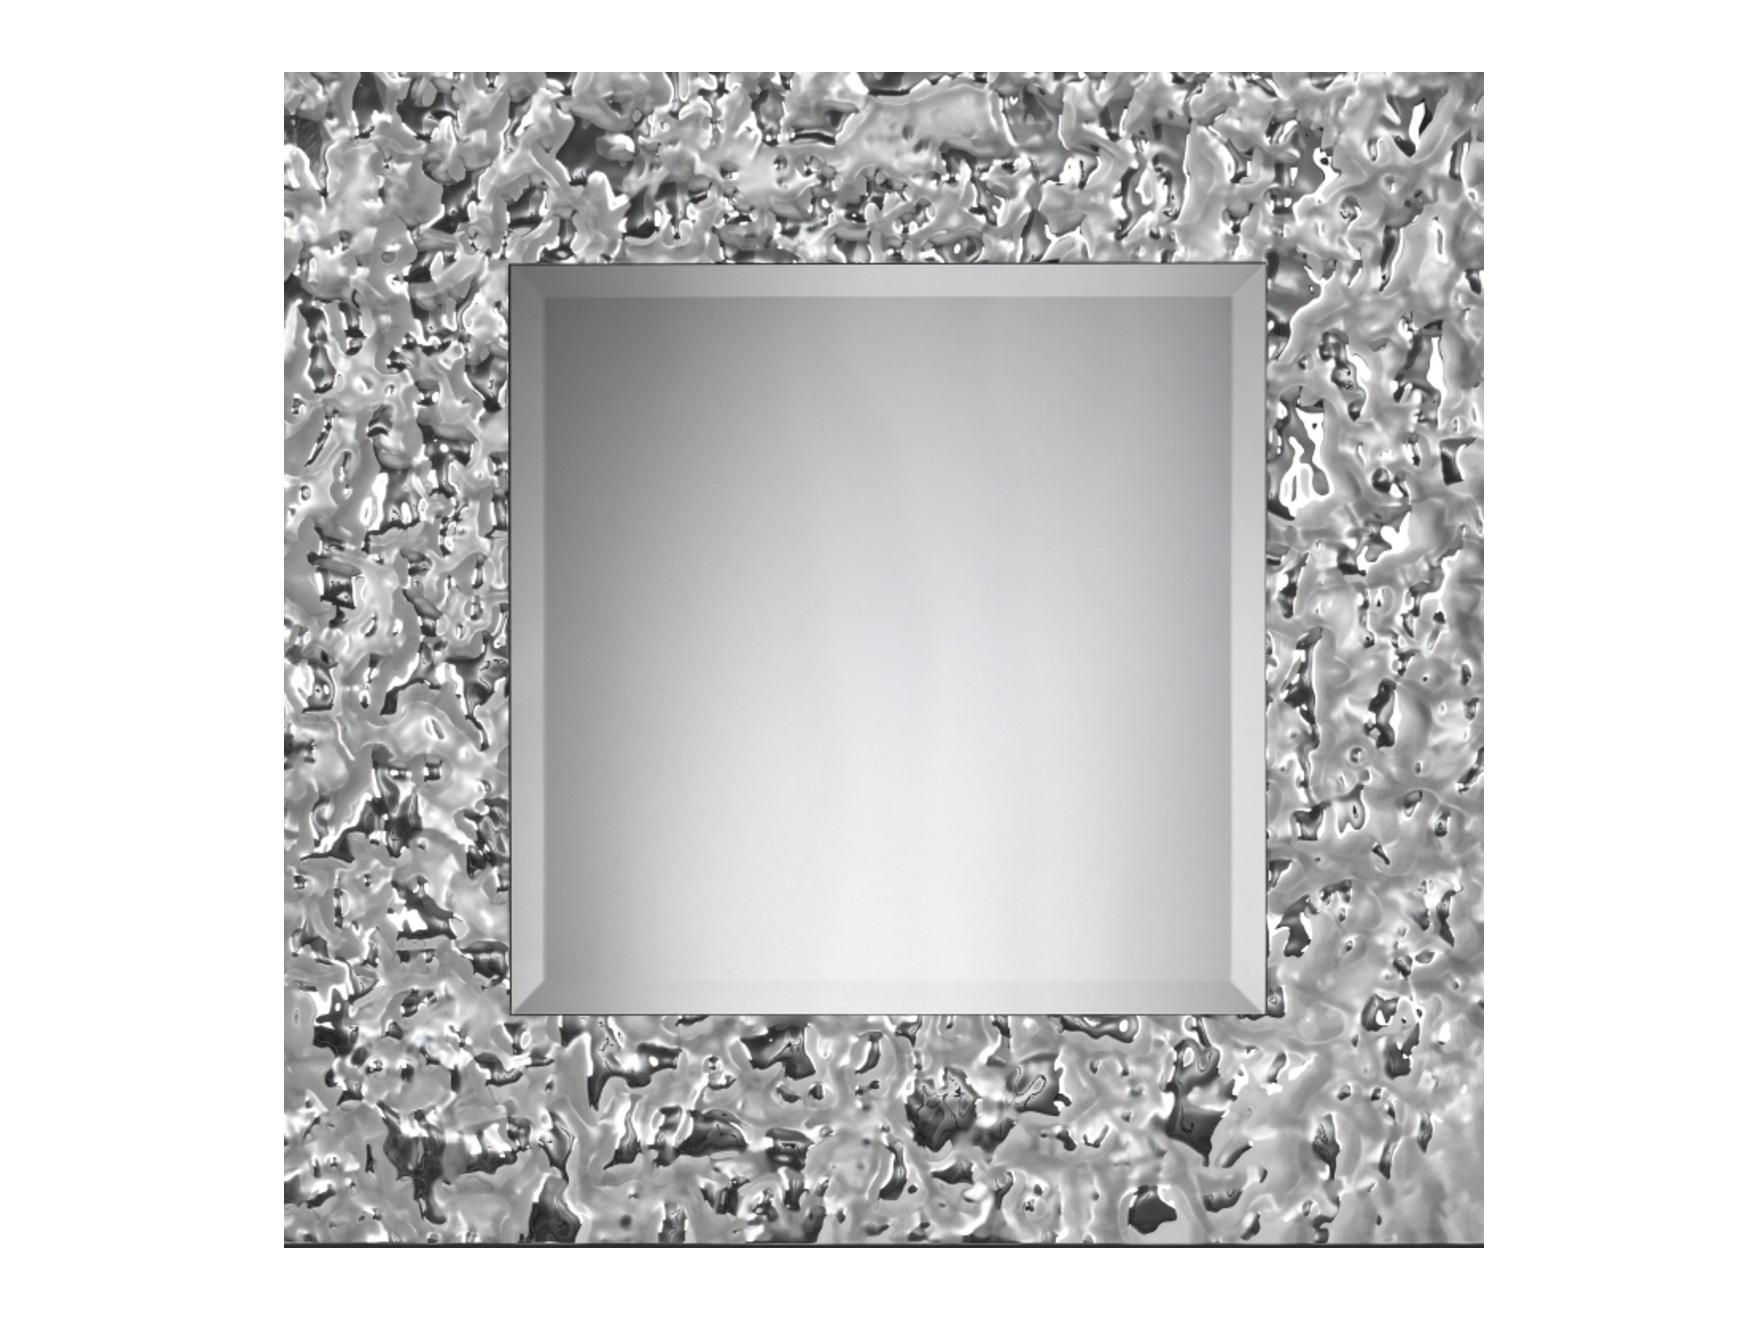 Зеркало Квадрат VentoНастенные зеркала<br>Квадратное зеркало в величественном обрамлении из стекла легко станет предметом гордости в вашем доме. Зеркало само по себе – уже эффектный декор. А уж если это, квадратное зеркало от Plusobject, то речь идет об уникальном продукте талантливых дизайнеров — братьев Фомичевых.  Обрамление зеркала имитирует поверхность воды на ветру, застывшую на долю секунды .  Зеркало в собранном виде и в комплекте есть крепления.<br><br>Material: Стекло<br>Width см: None<br>Depth см: 5<br>Height см: None<br>Diameter см: 105